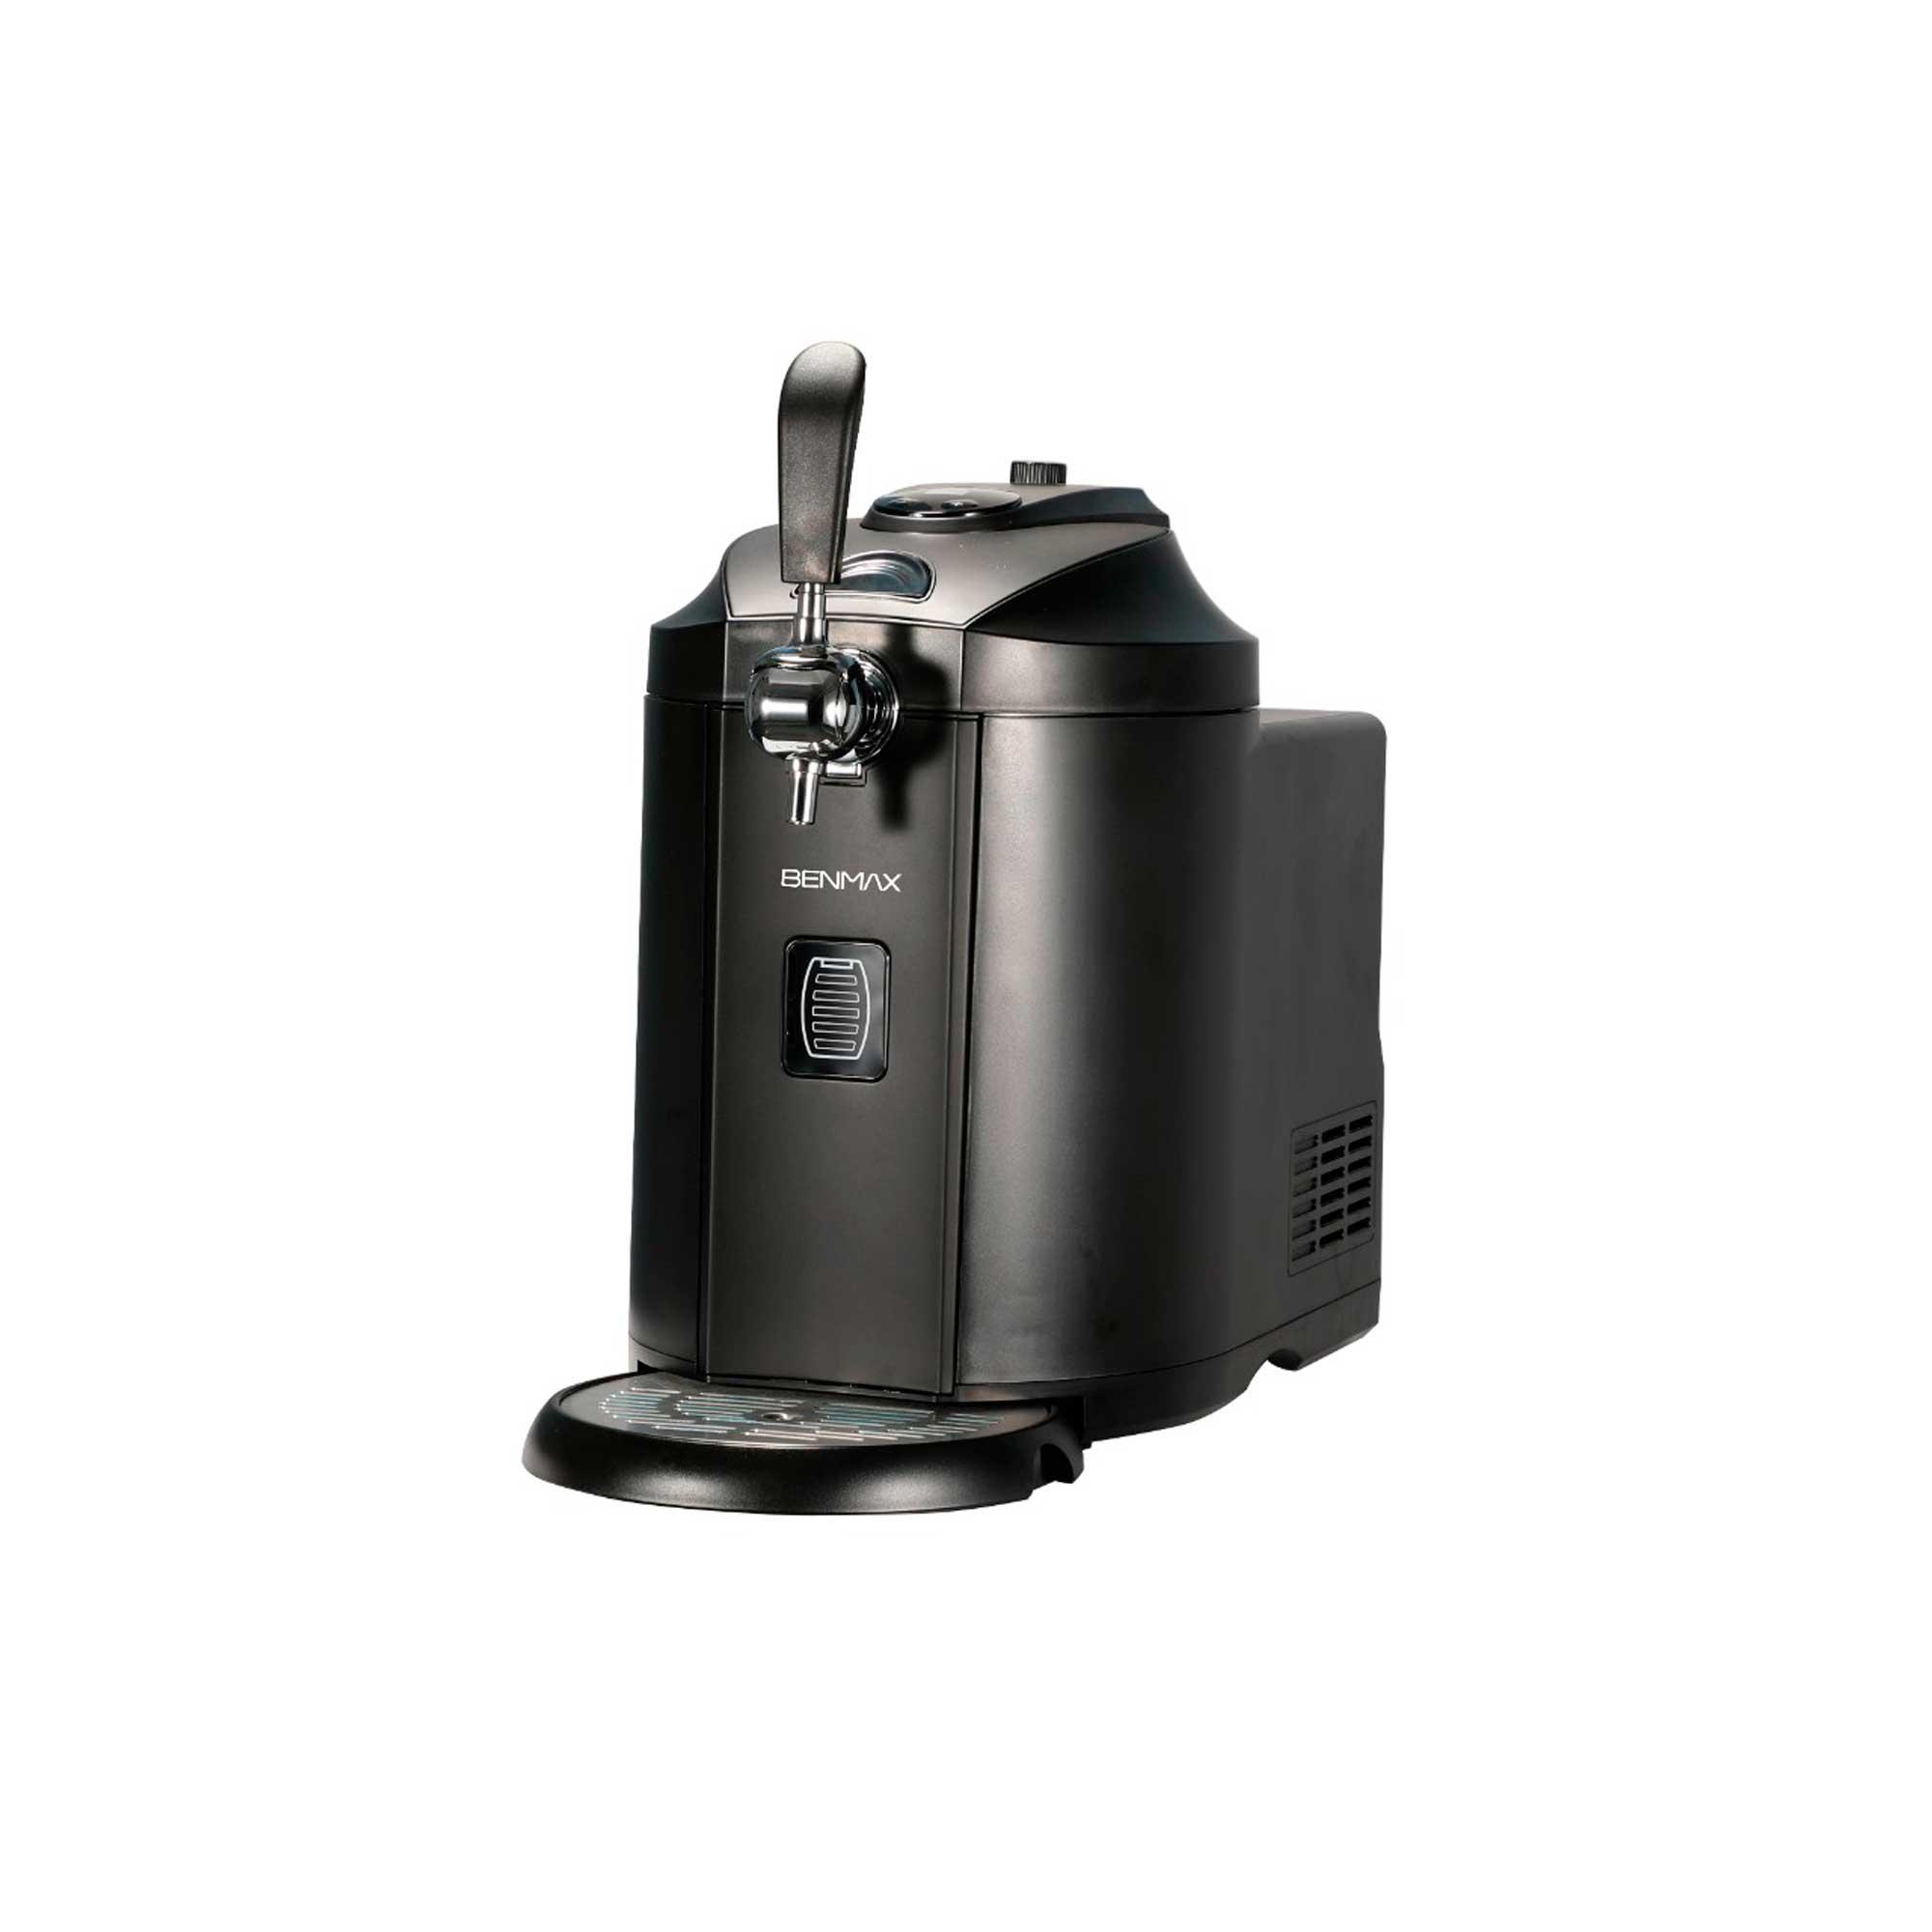 CHOPEIRA BENMAX COMPRESSOR MAXICOOLER BLACK C/BARRIL - 220V